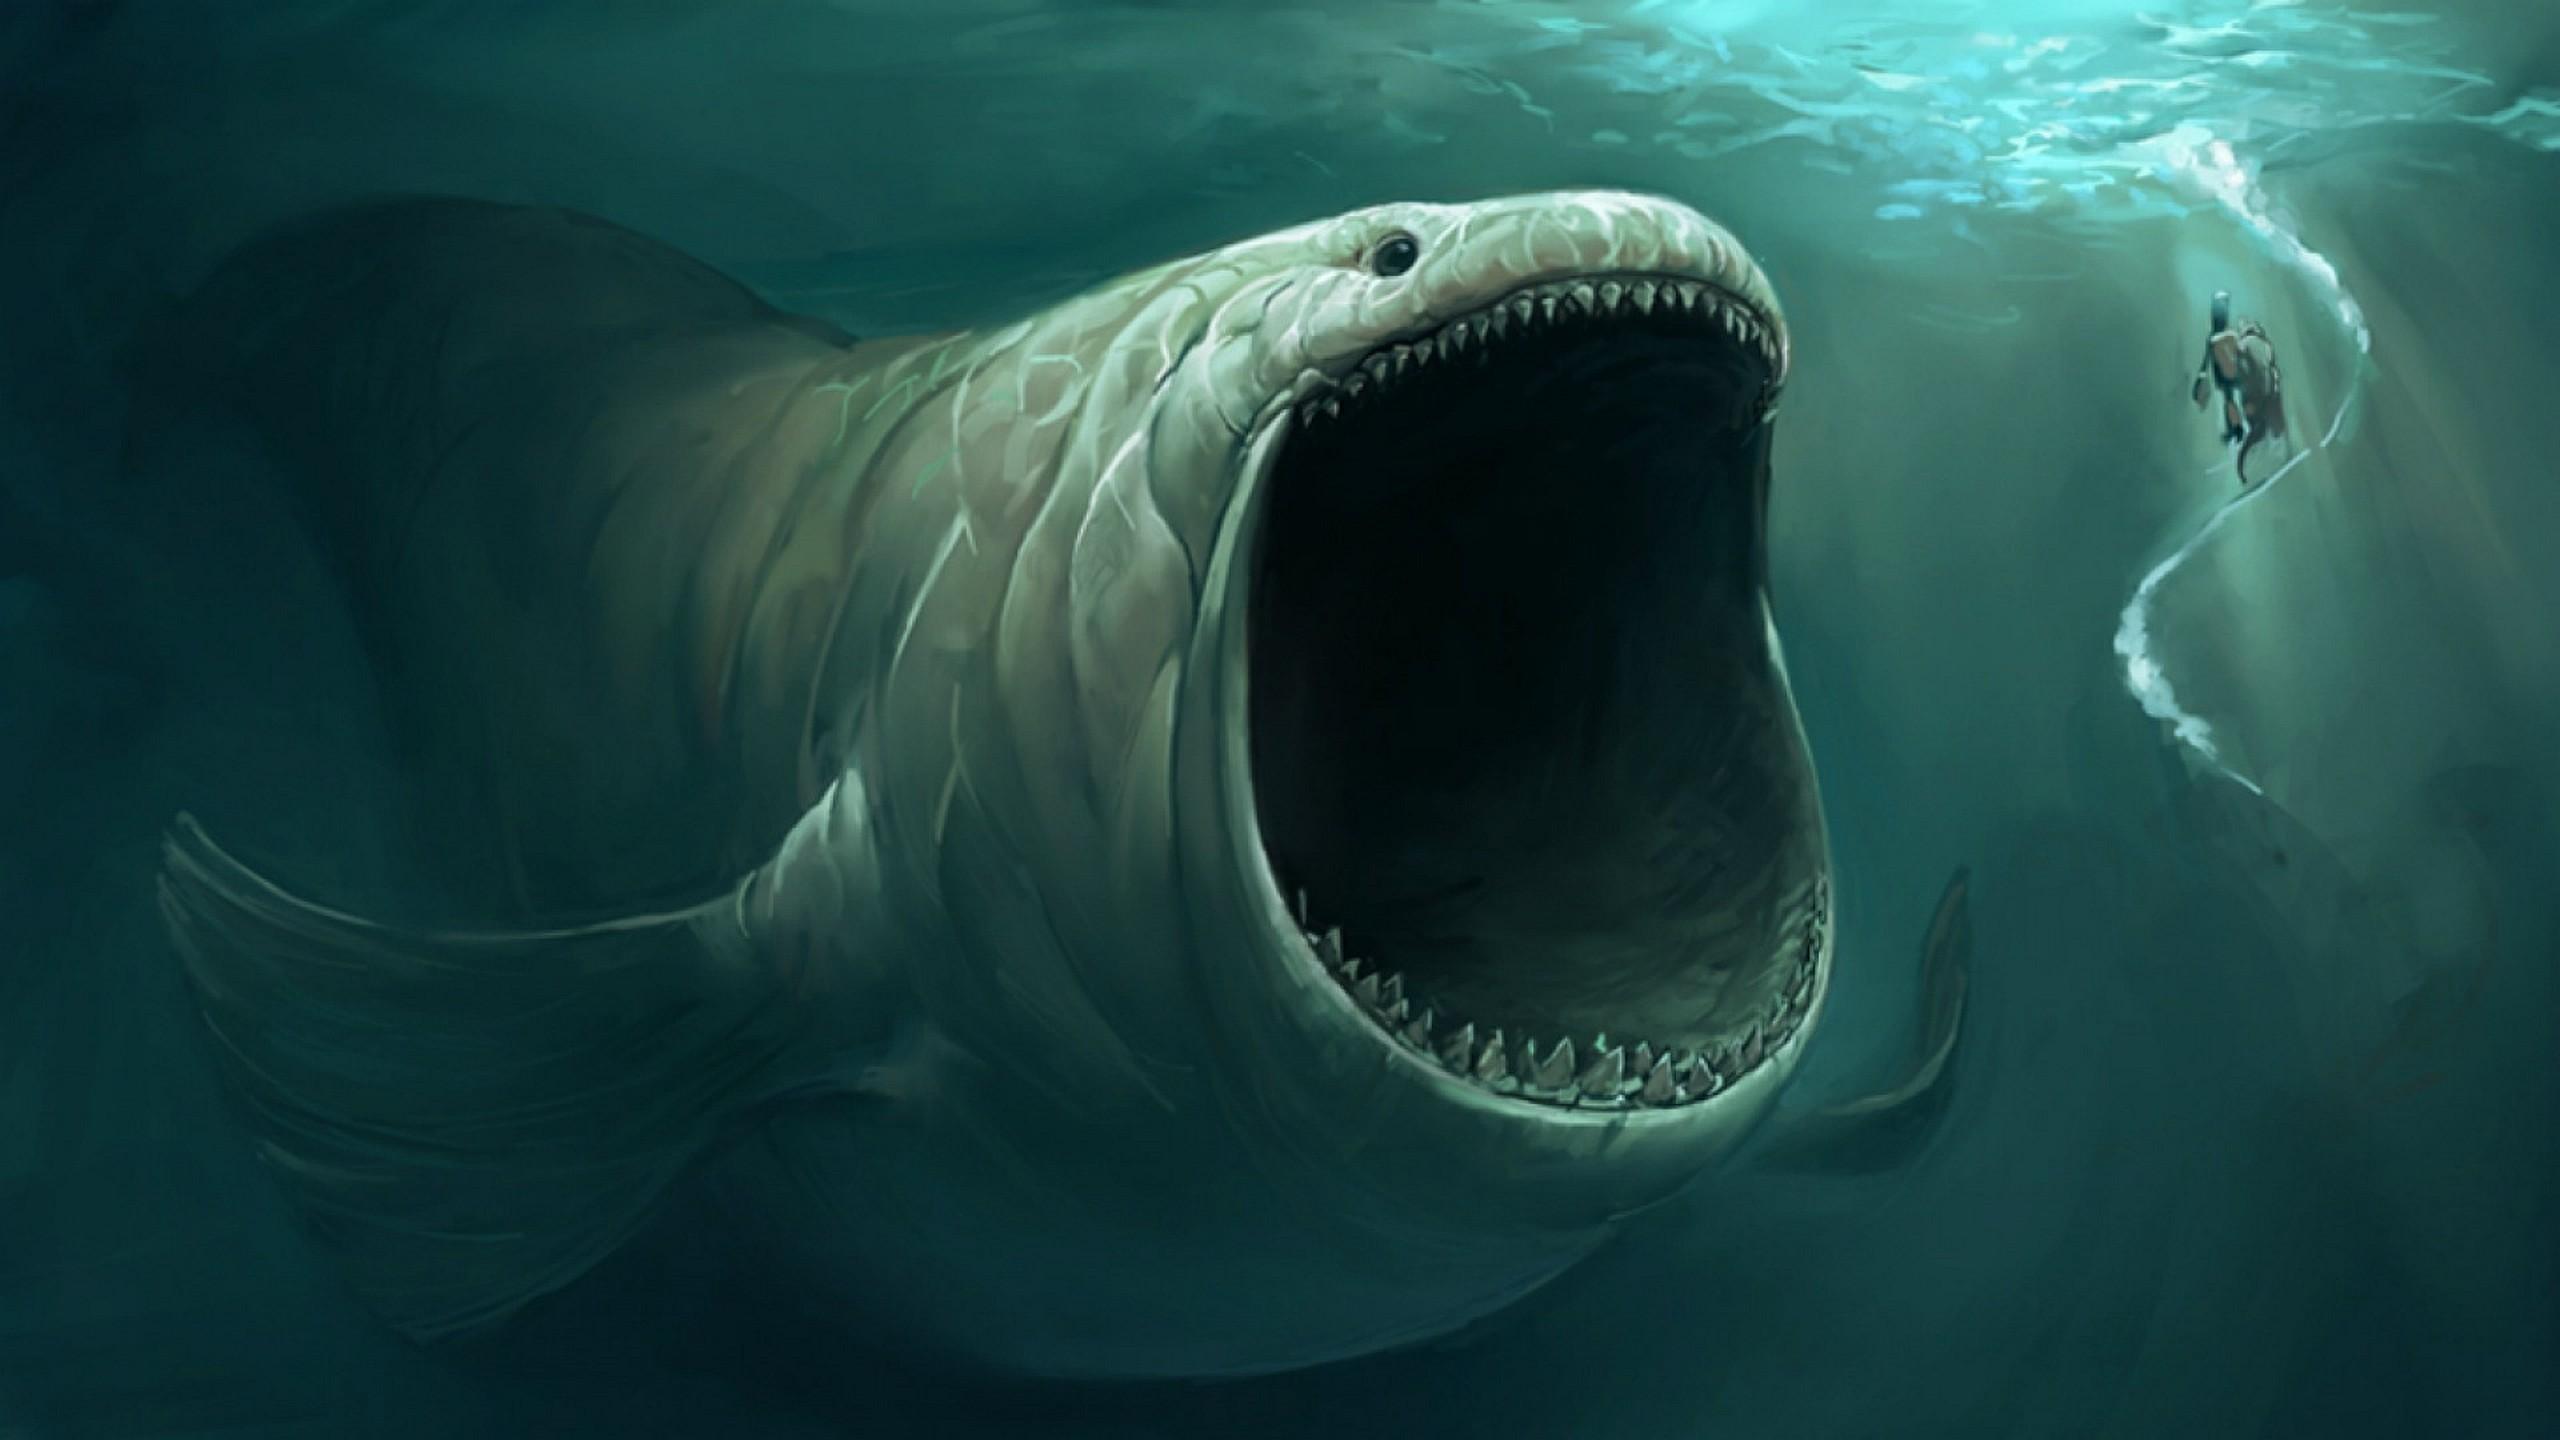 Fond d 39 cran les monstres marins art fantastique - Grand poisson de mer ...